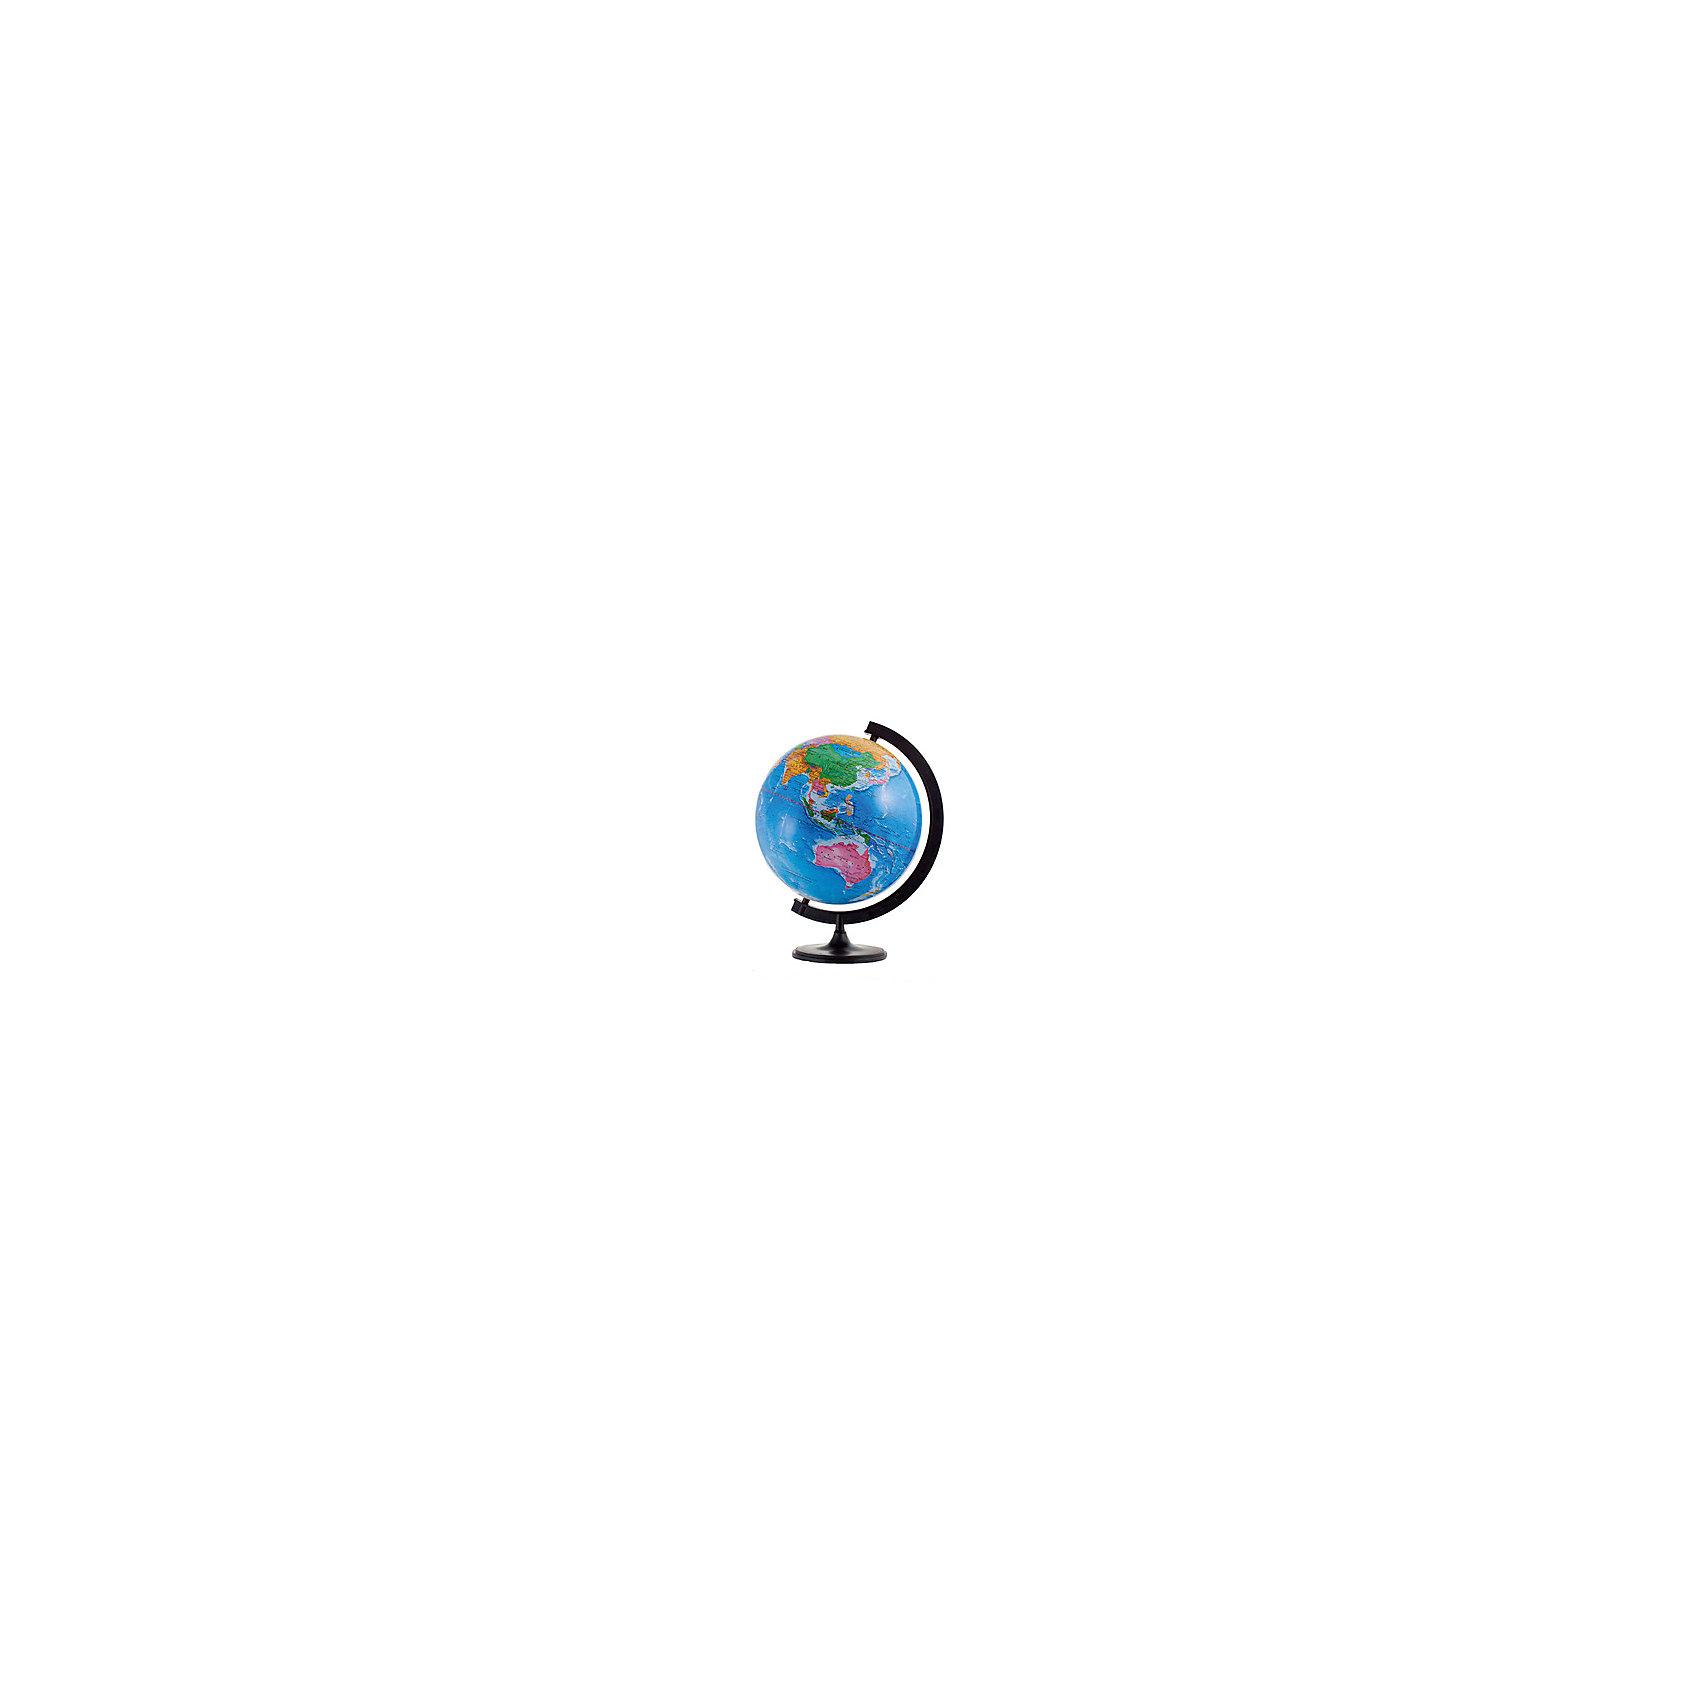 Глобус Земли политический, диаметр 320 ммГлобусы<br>Диаметр: 320 мм<br><br>Масштаб: 1:40000000<br><br>Материал подставки: Пластик<br><br>Цвет подставки: Черный<br><br>Ширина мм: 312<br>Глубина мм: 321<br>Высота мм: 345<br>Вес г: 800<br>Возраст от месяцев: 72<br>Возраст до месяцев: 2147483647<br>Пол: Унисекс<br>Возраст: Детский<br>SKU: 5518218